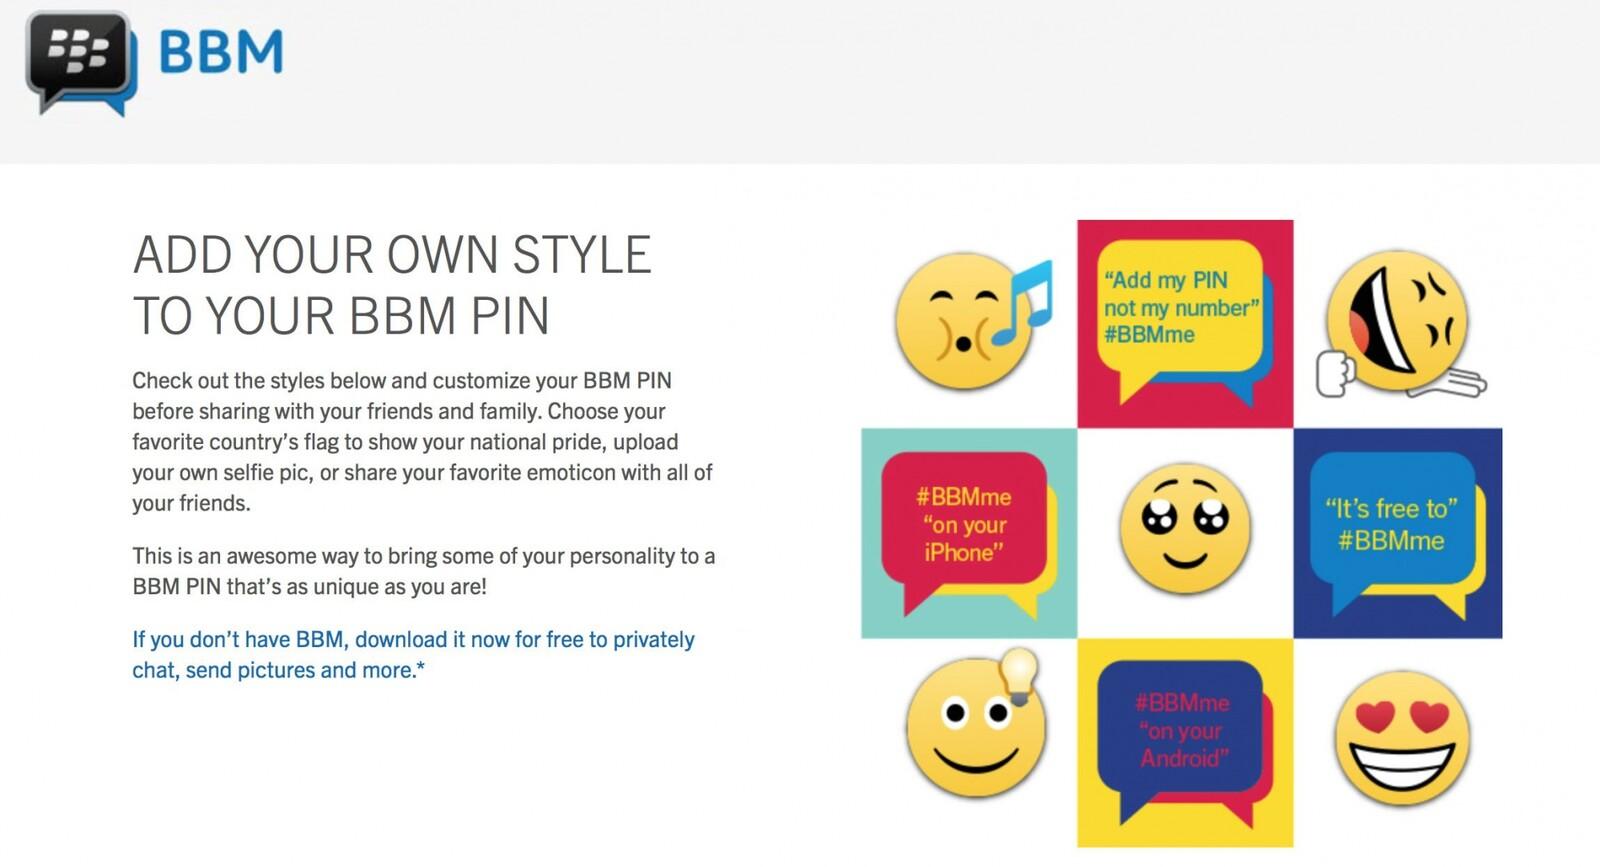 Bbm pins online now